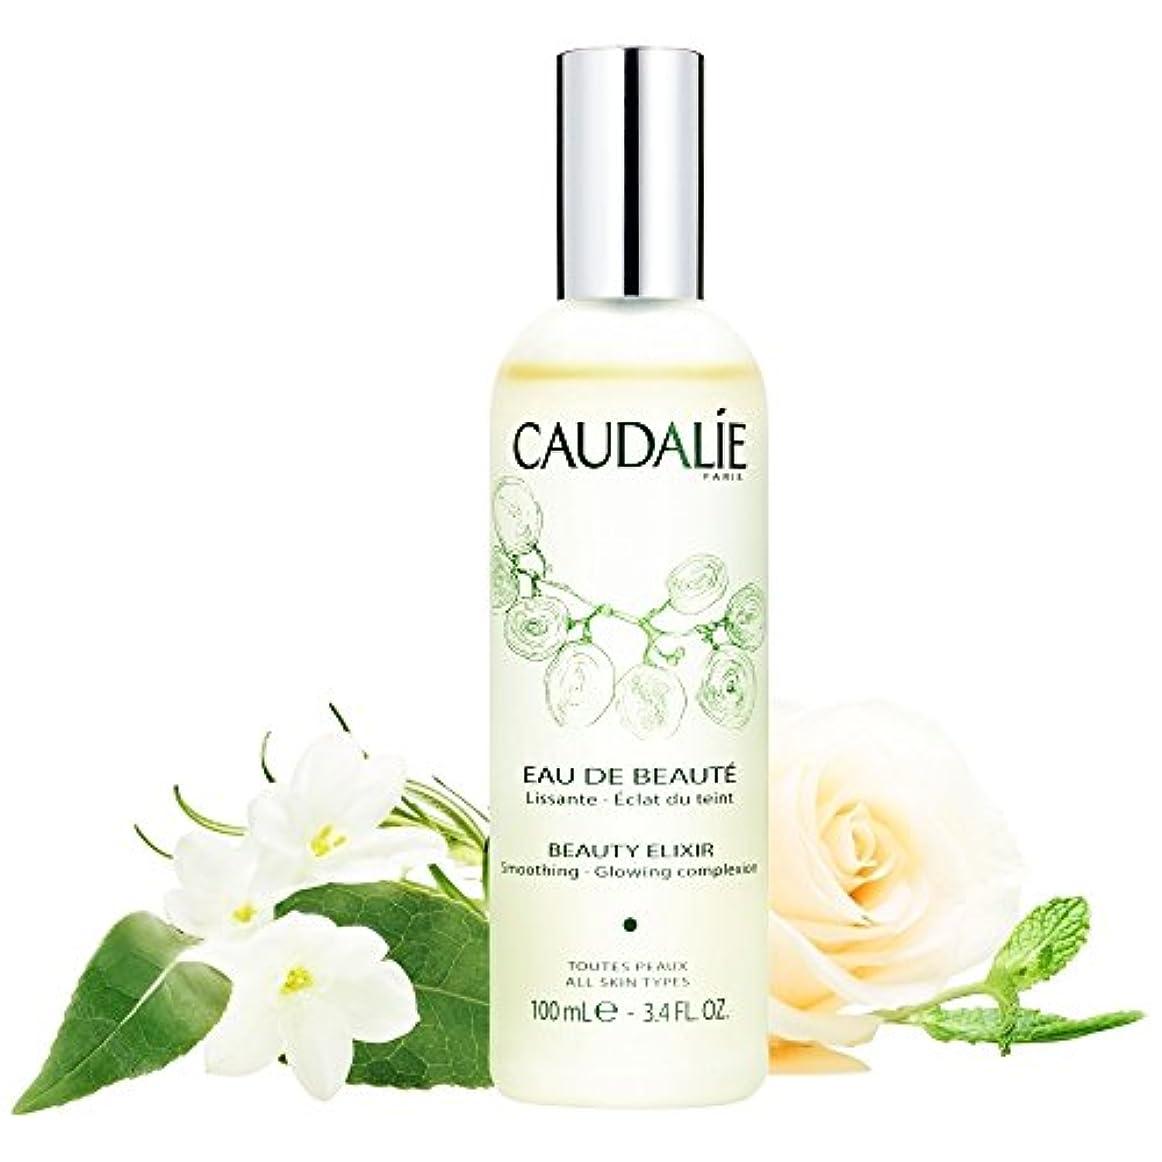 路地駐地ブレンドコーダリー美容エリキシル、100ミリリットル (Caudalie) (x2) - Caudalie Beauty Elixir, 100ml (Pack of 2) [並行輸入品]